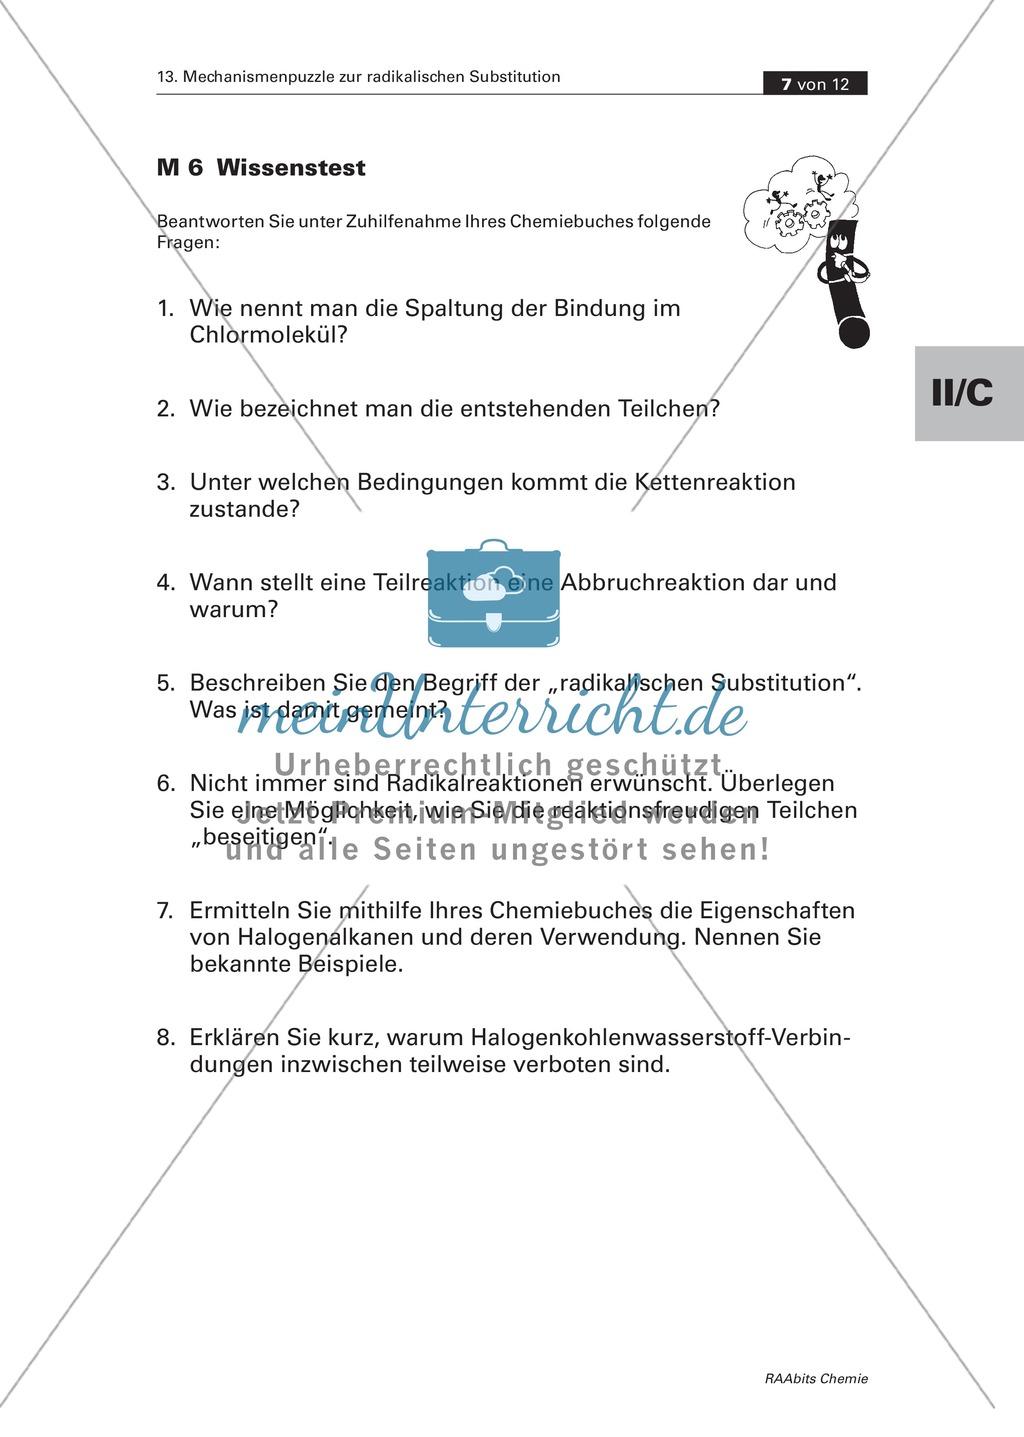 Radikalische Substitution am Beispiel Bromierung von Heptan: Experiment, Mechanismenpuzzle, Beilsteinprobe, Wissenstest Preview 4